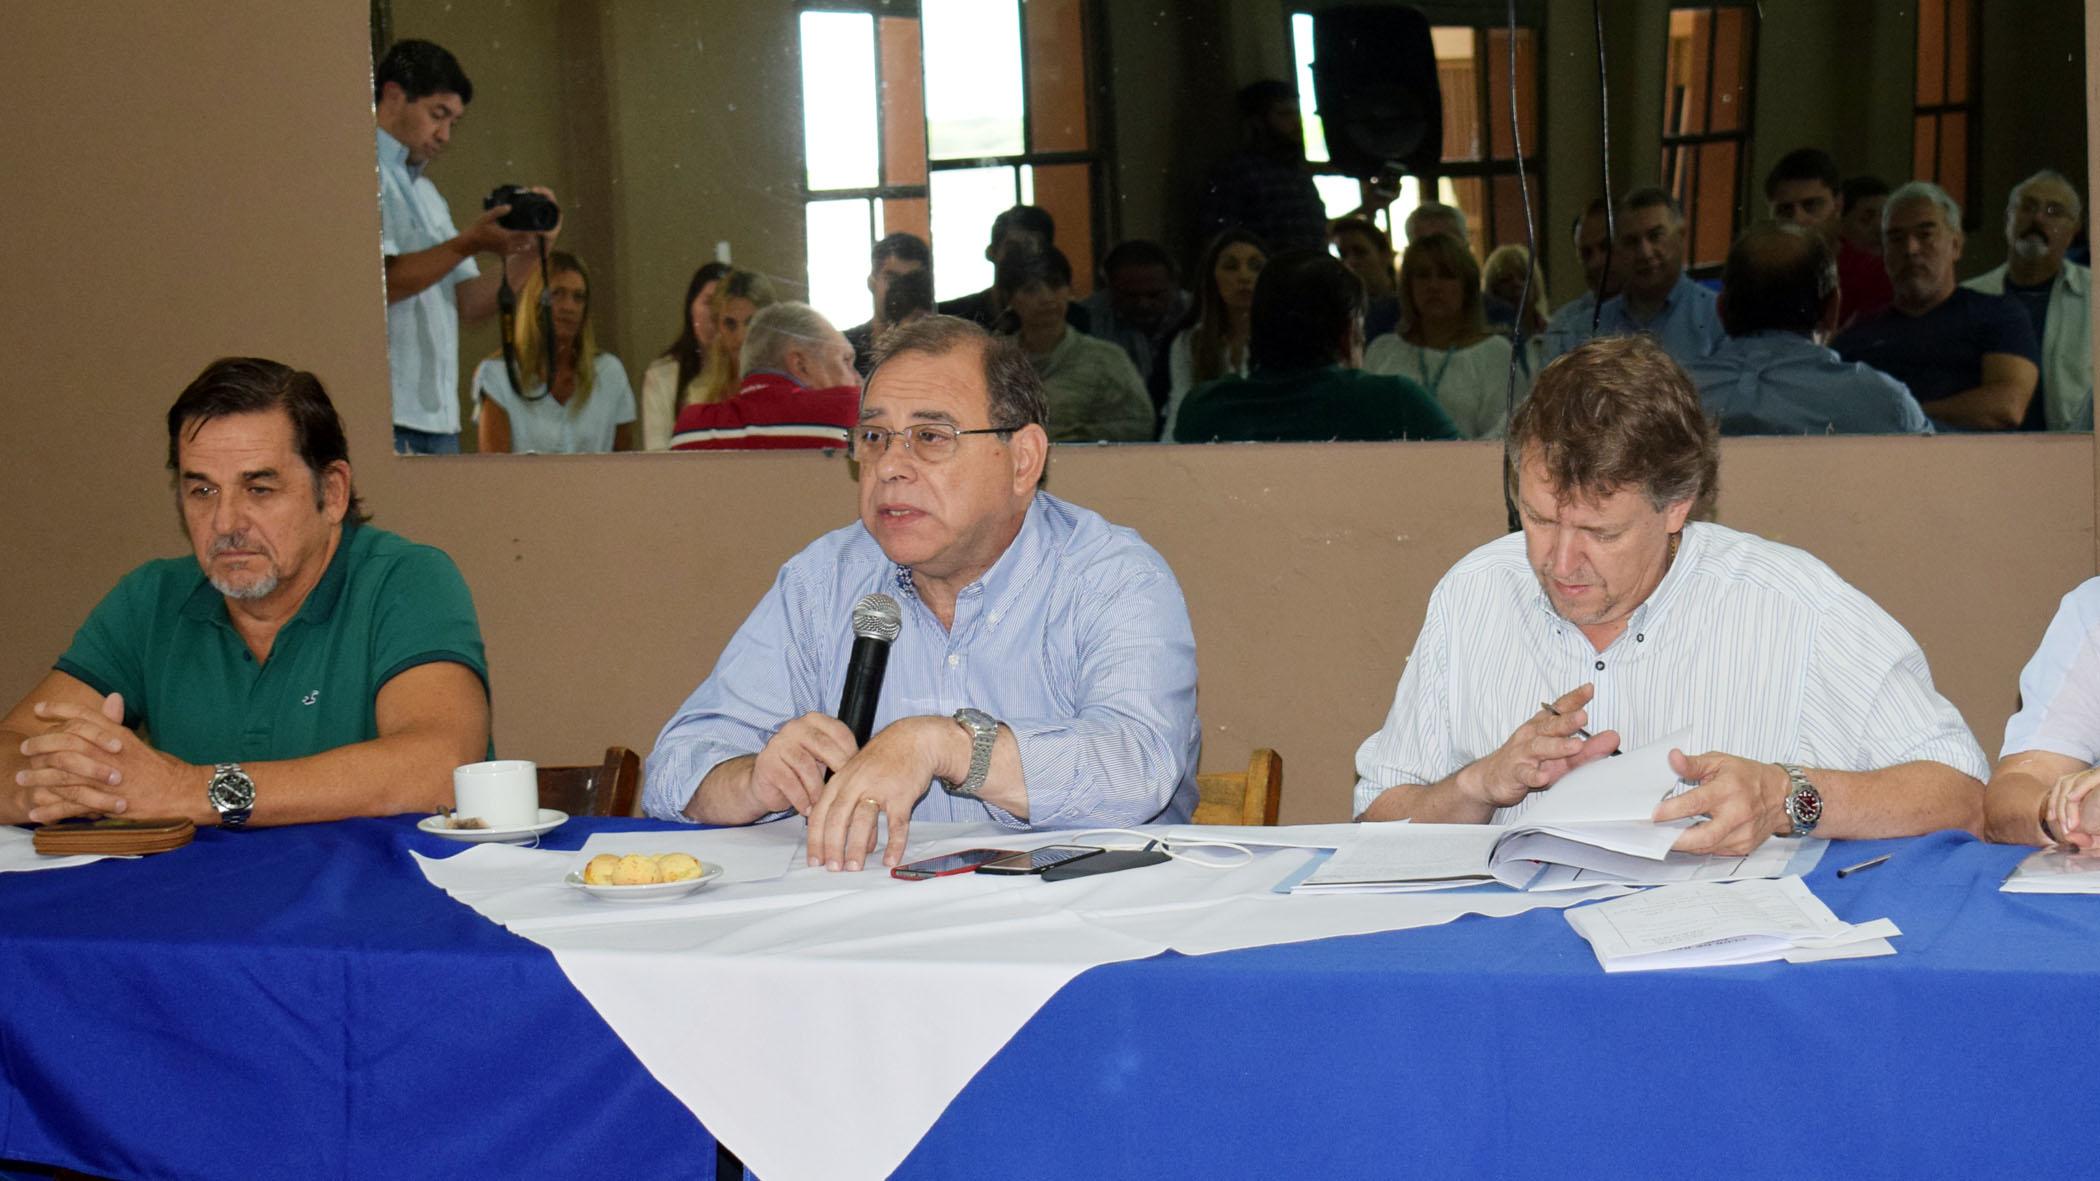 https://crc.org.ar/w/wp-content/uploads/2018/12/Asamblea5.jpg